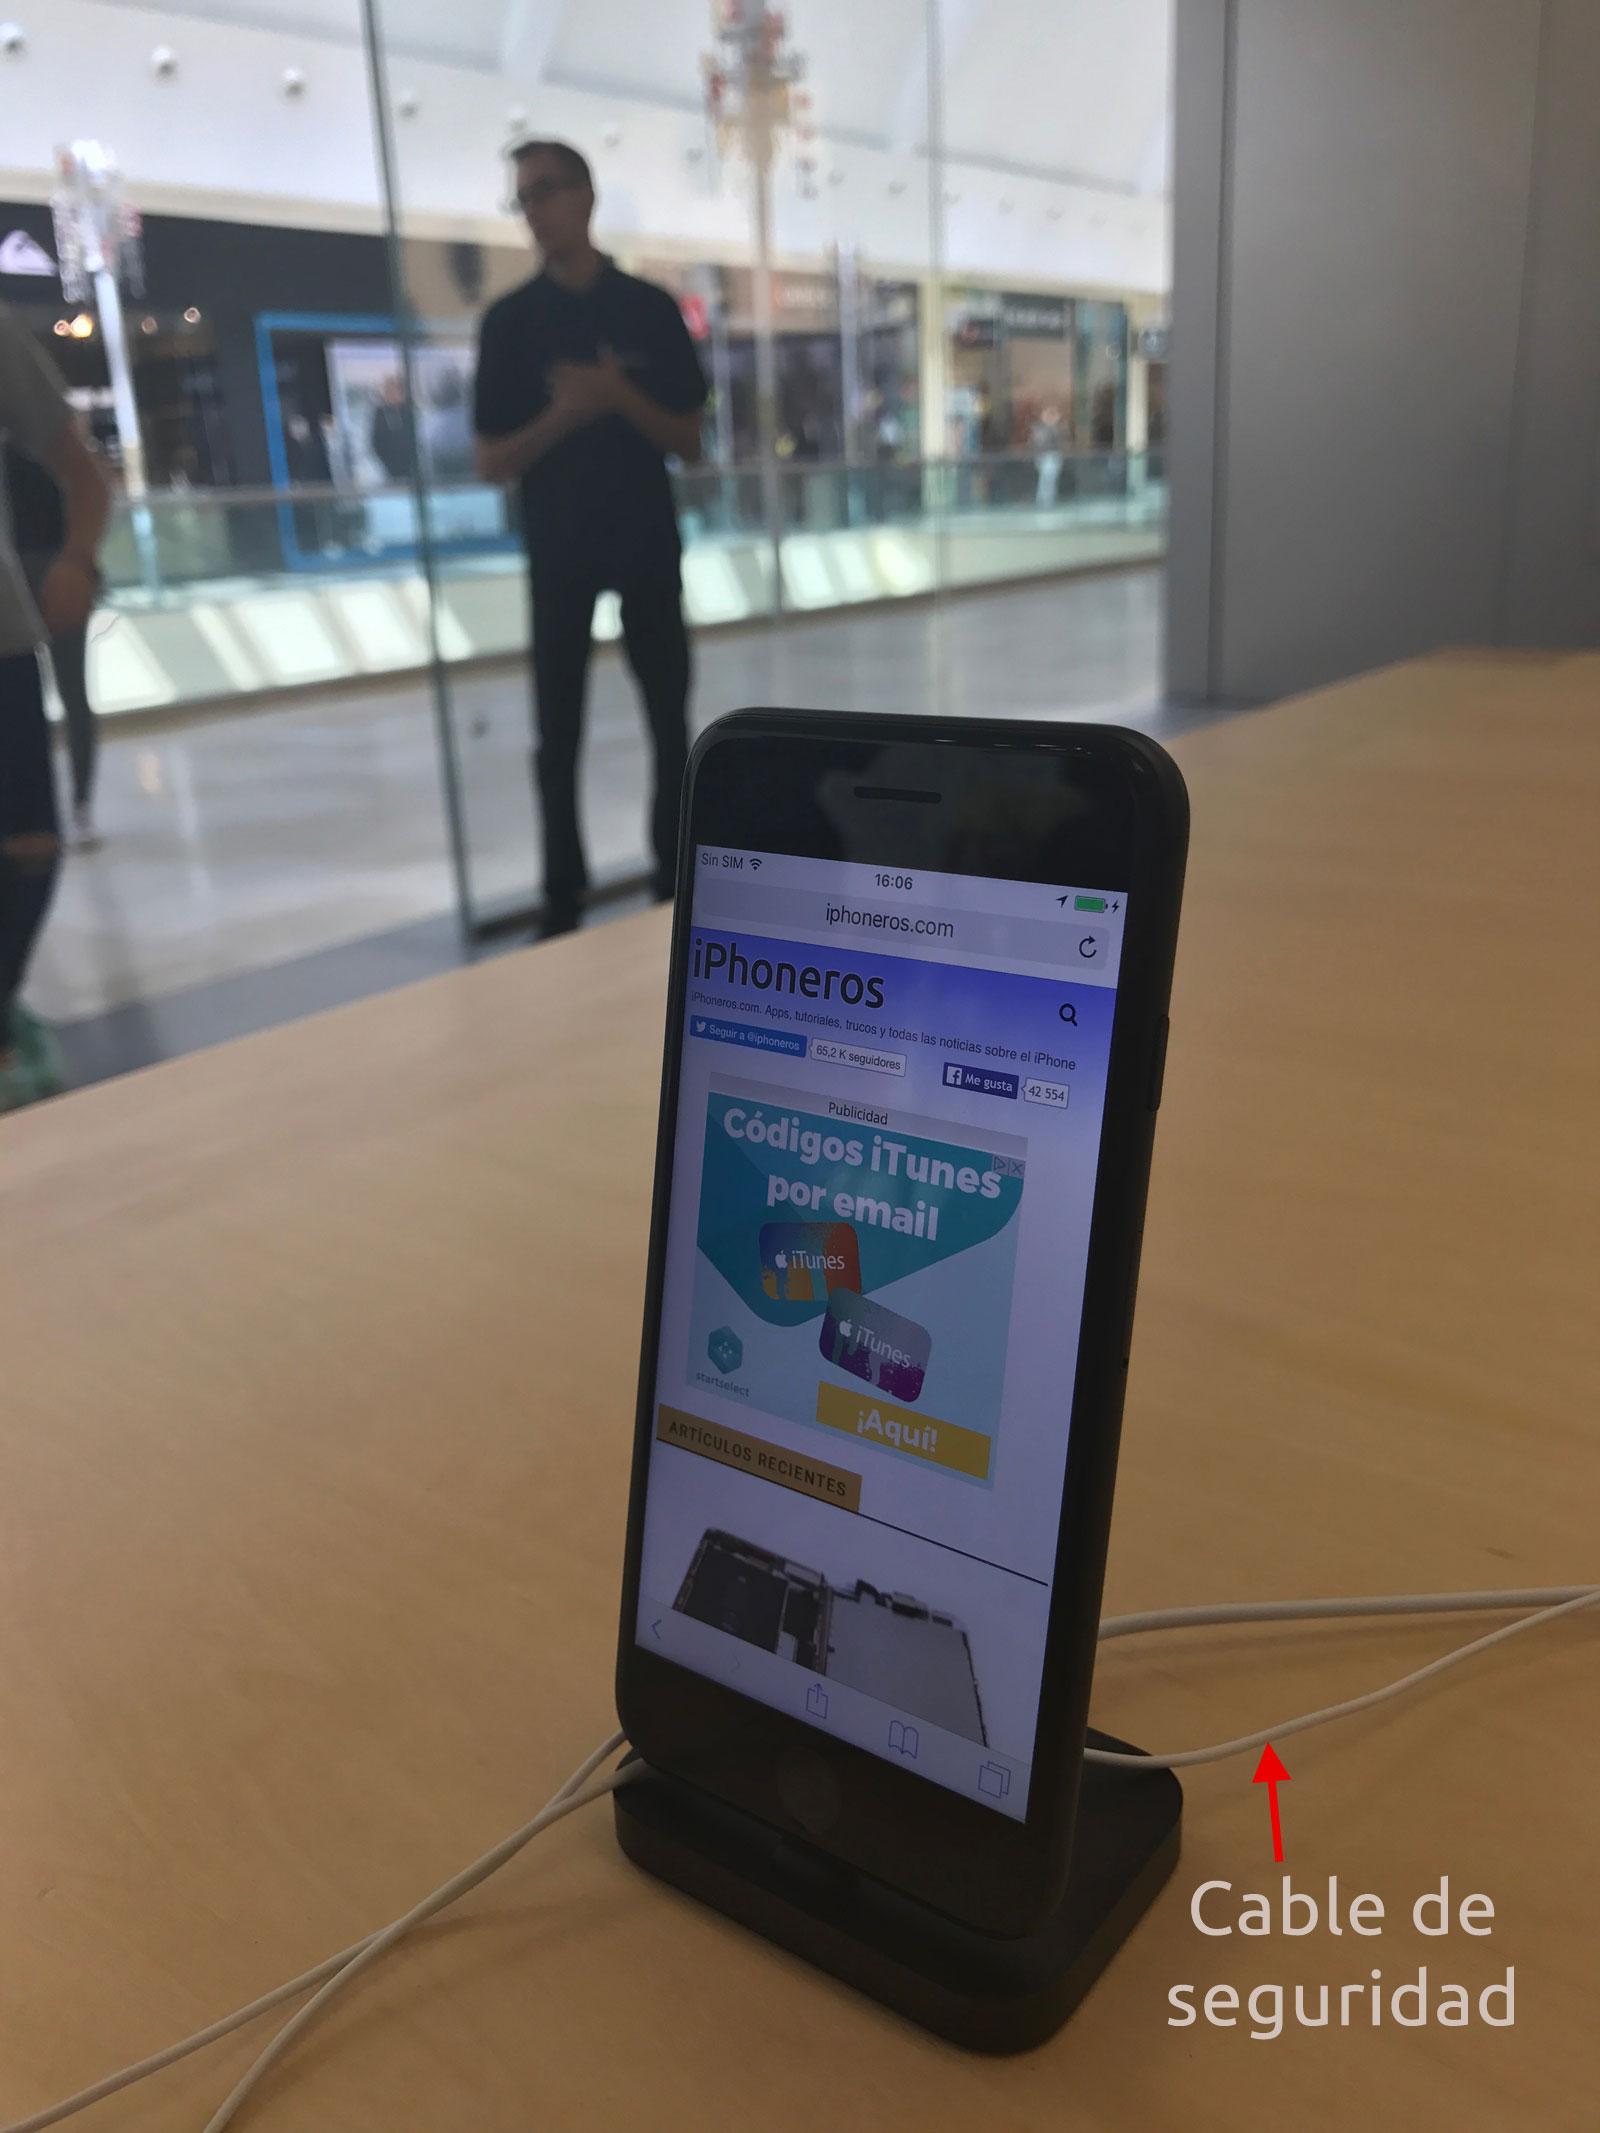 Cable de seguridad de un iPhone 7 en una Apple Store